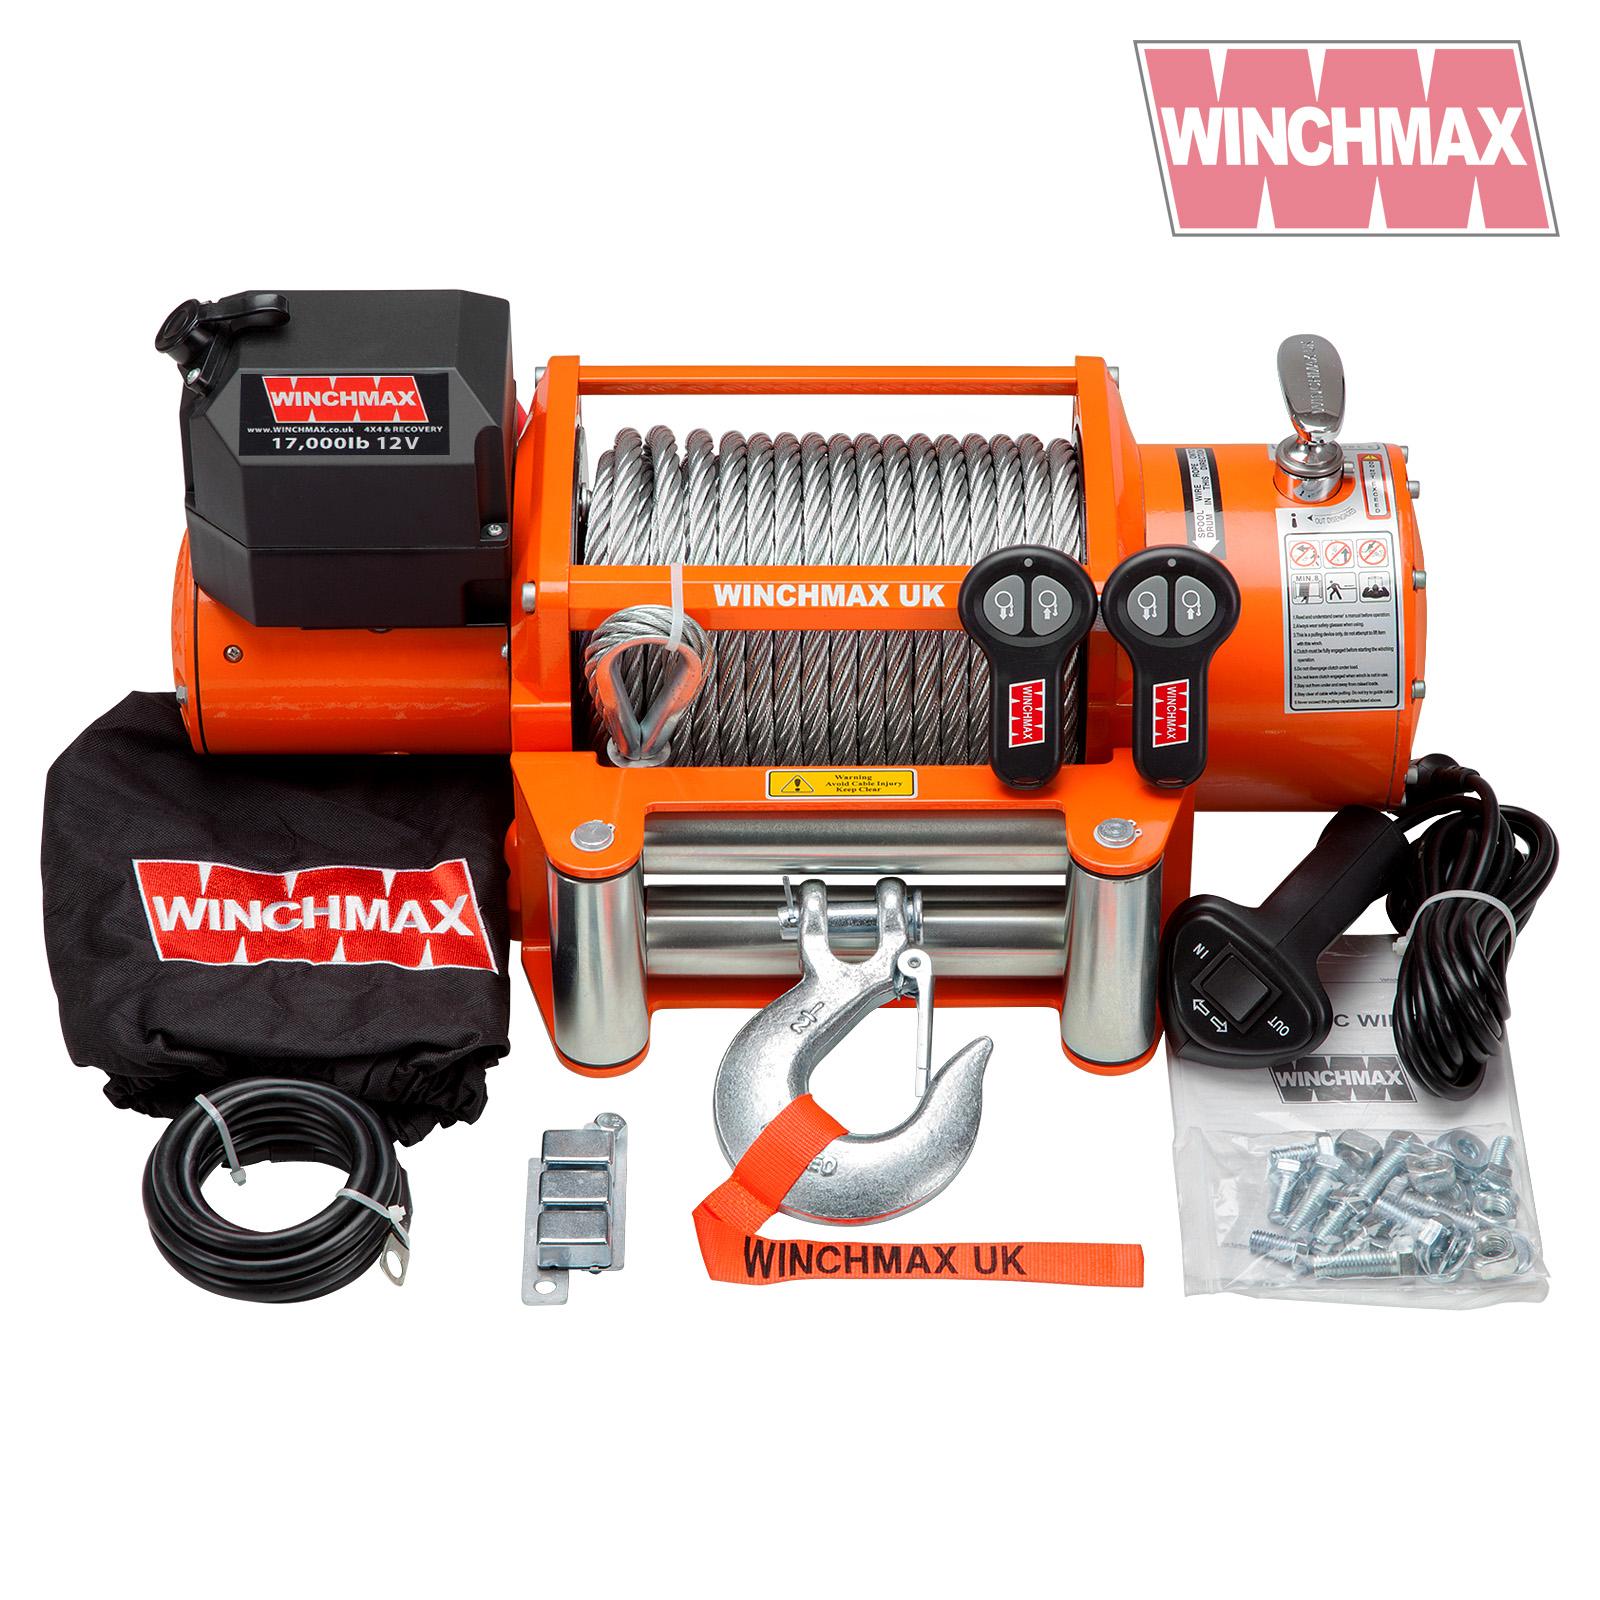 Wm1700024vr winchmax 284